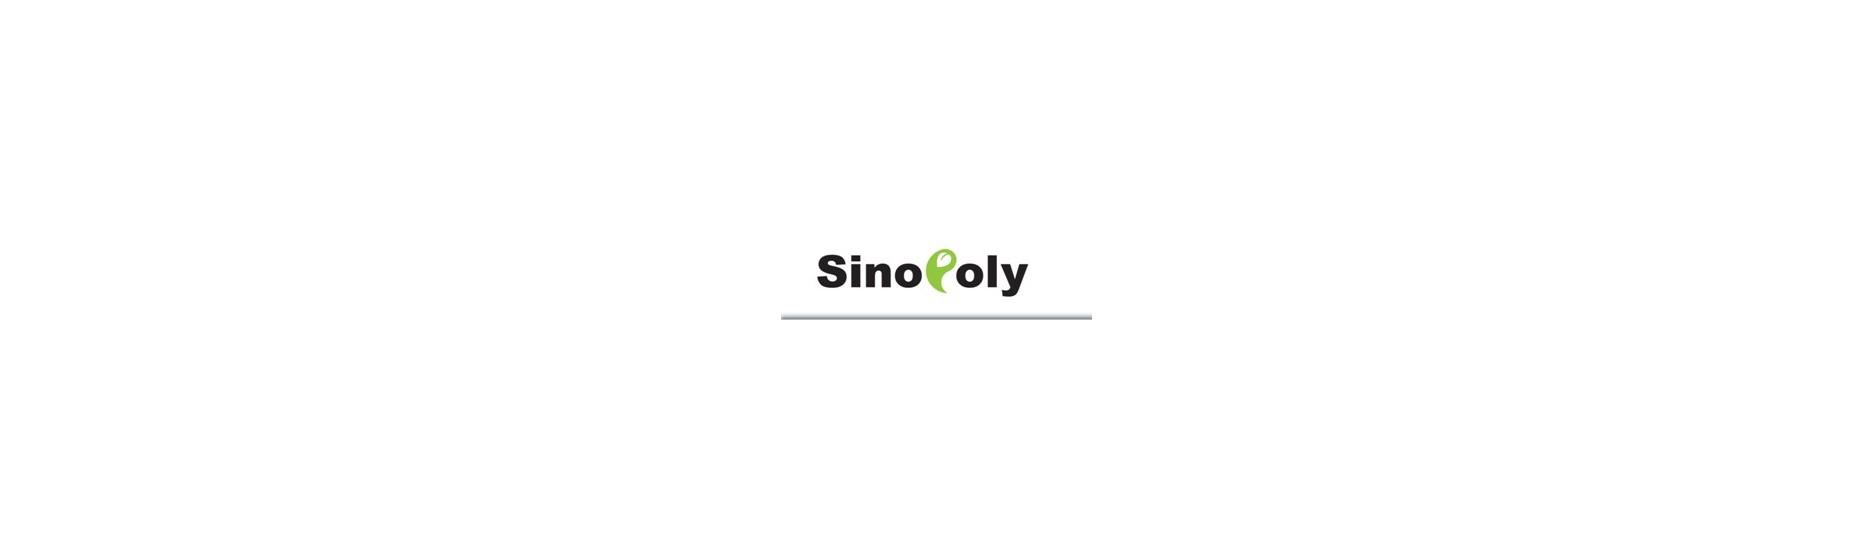 Výrobce Sinopoly